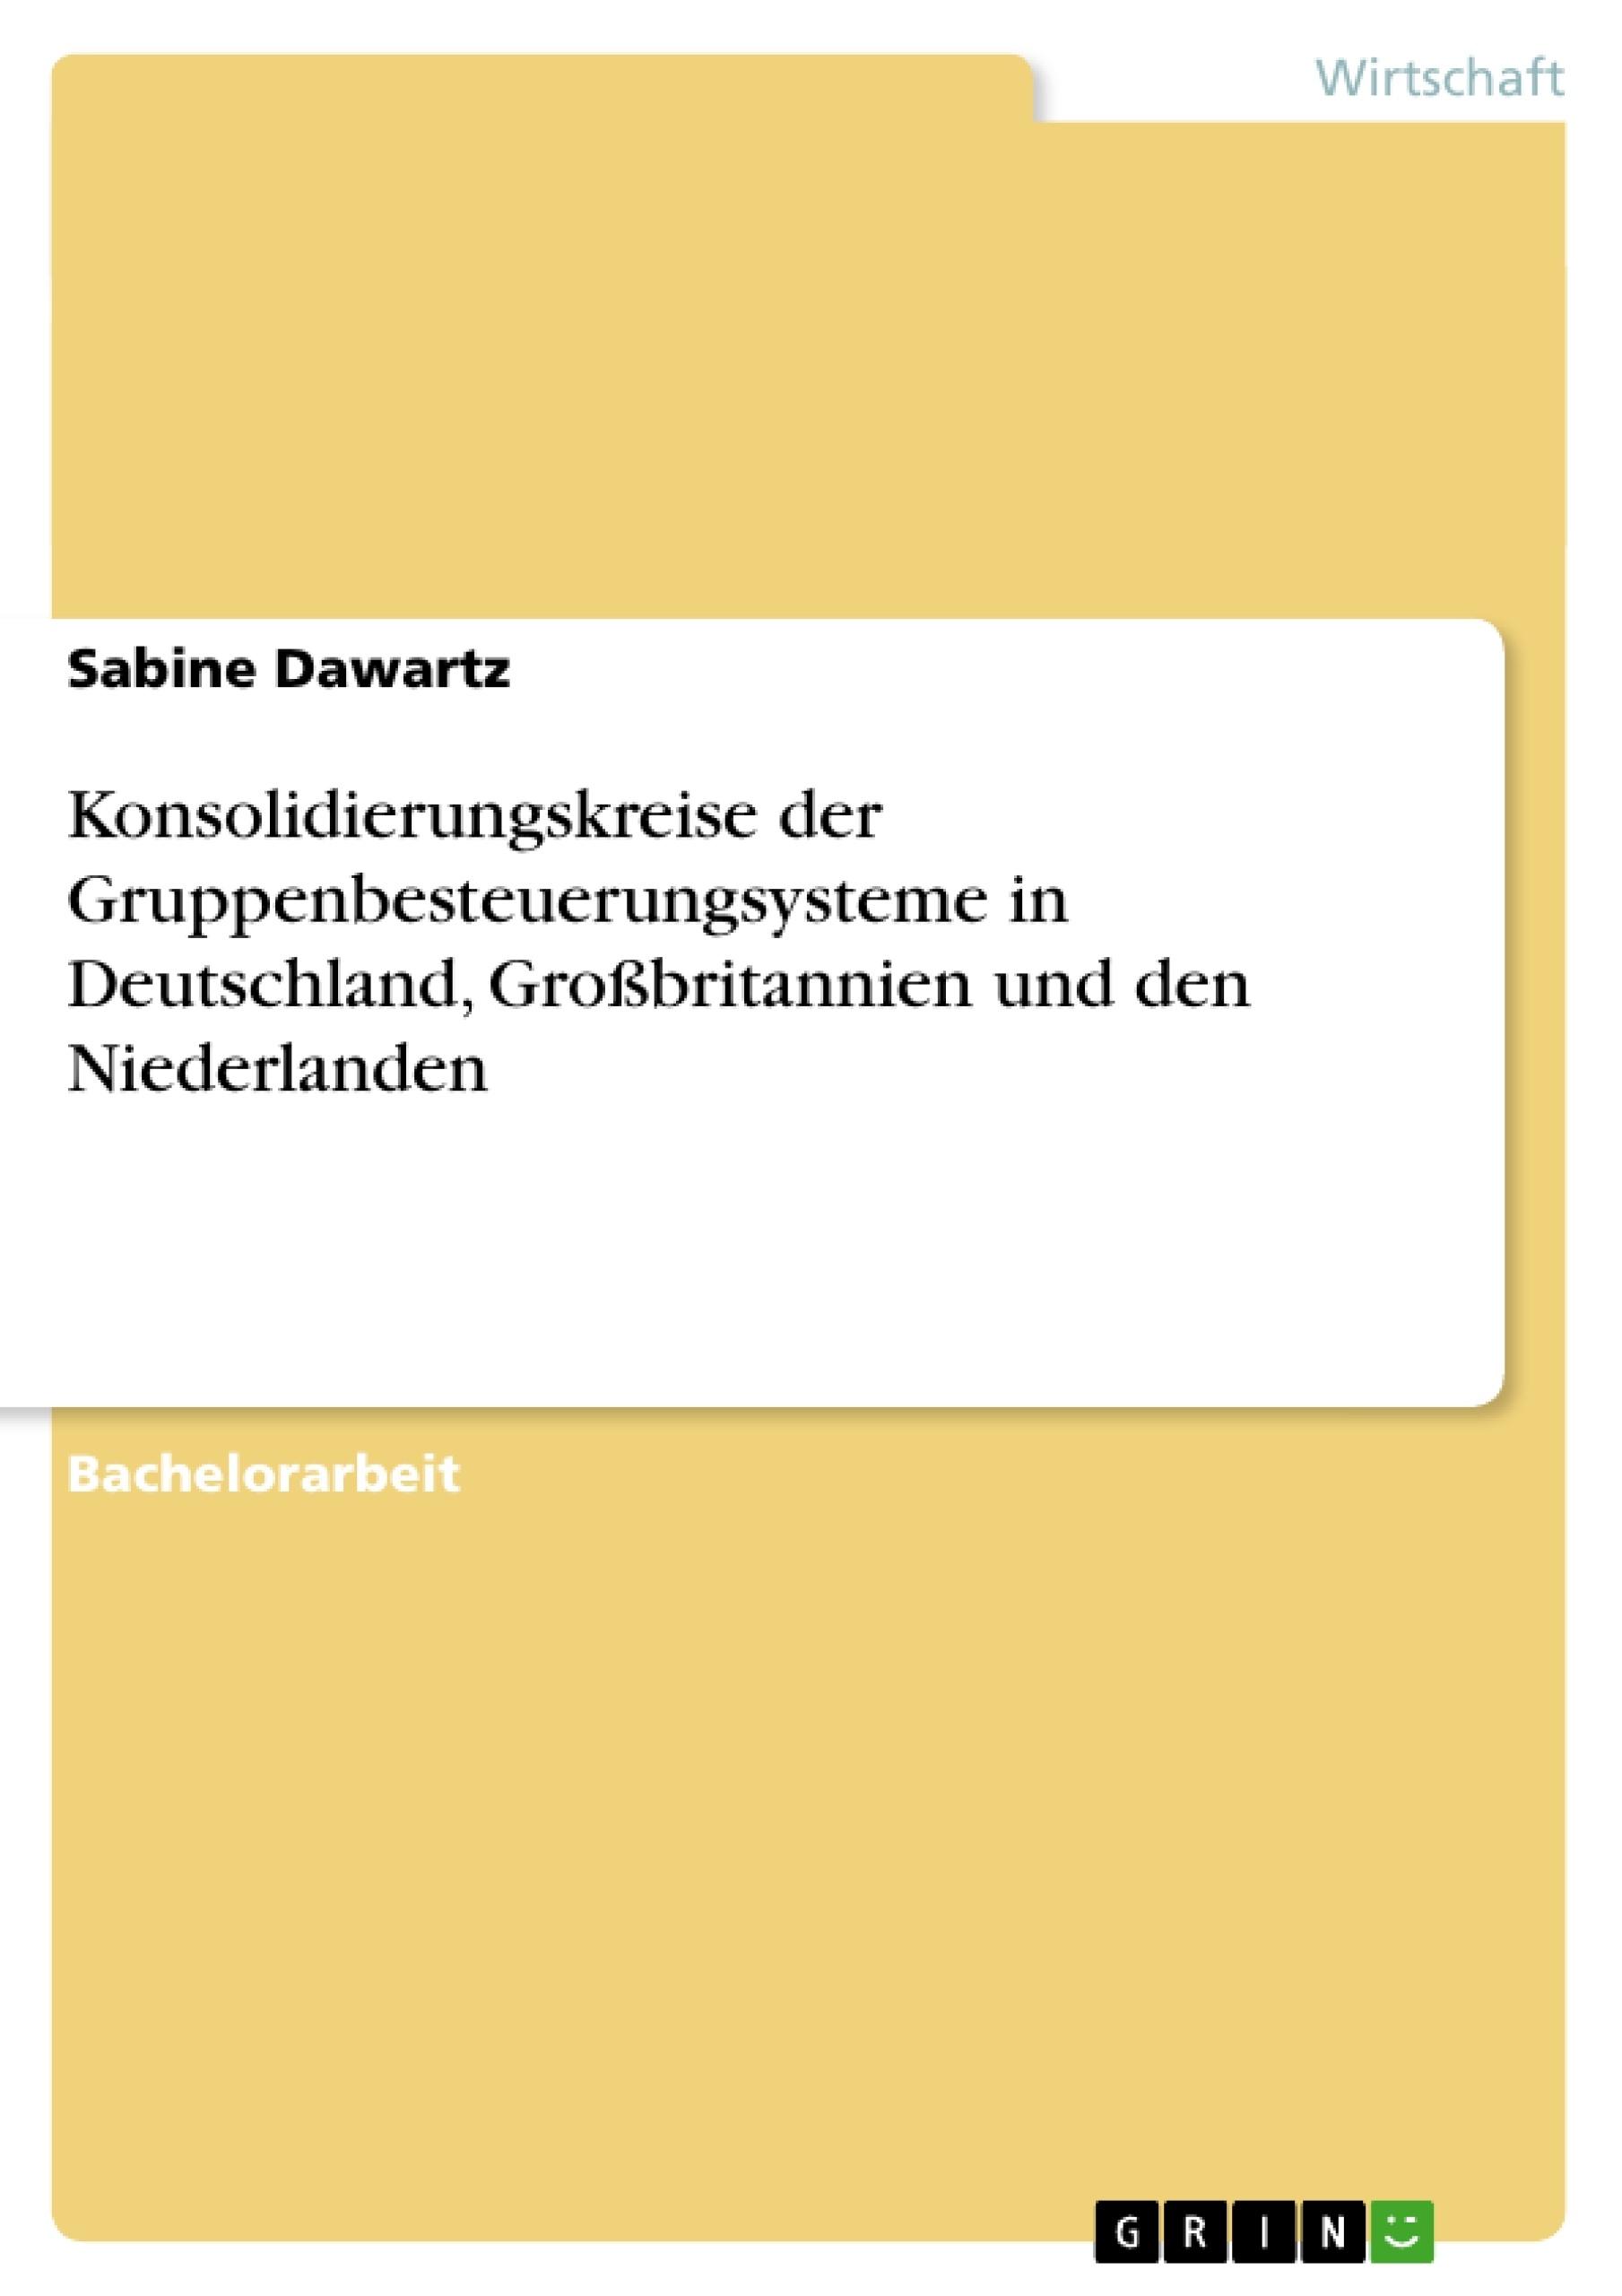 Titel: Konsolidierungskreise der Gruppenbesteuerungsysteme in Deutschland, Großbritannien und den Niederlanden